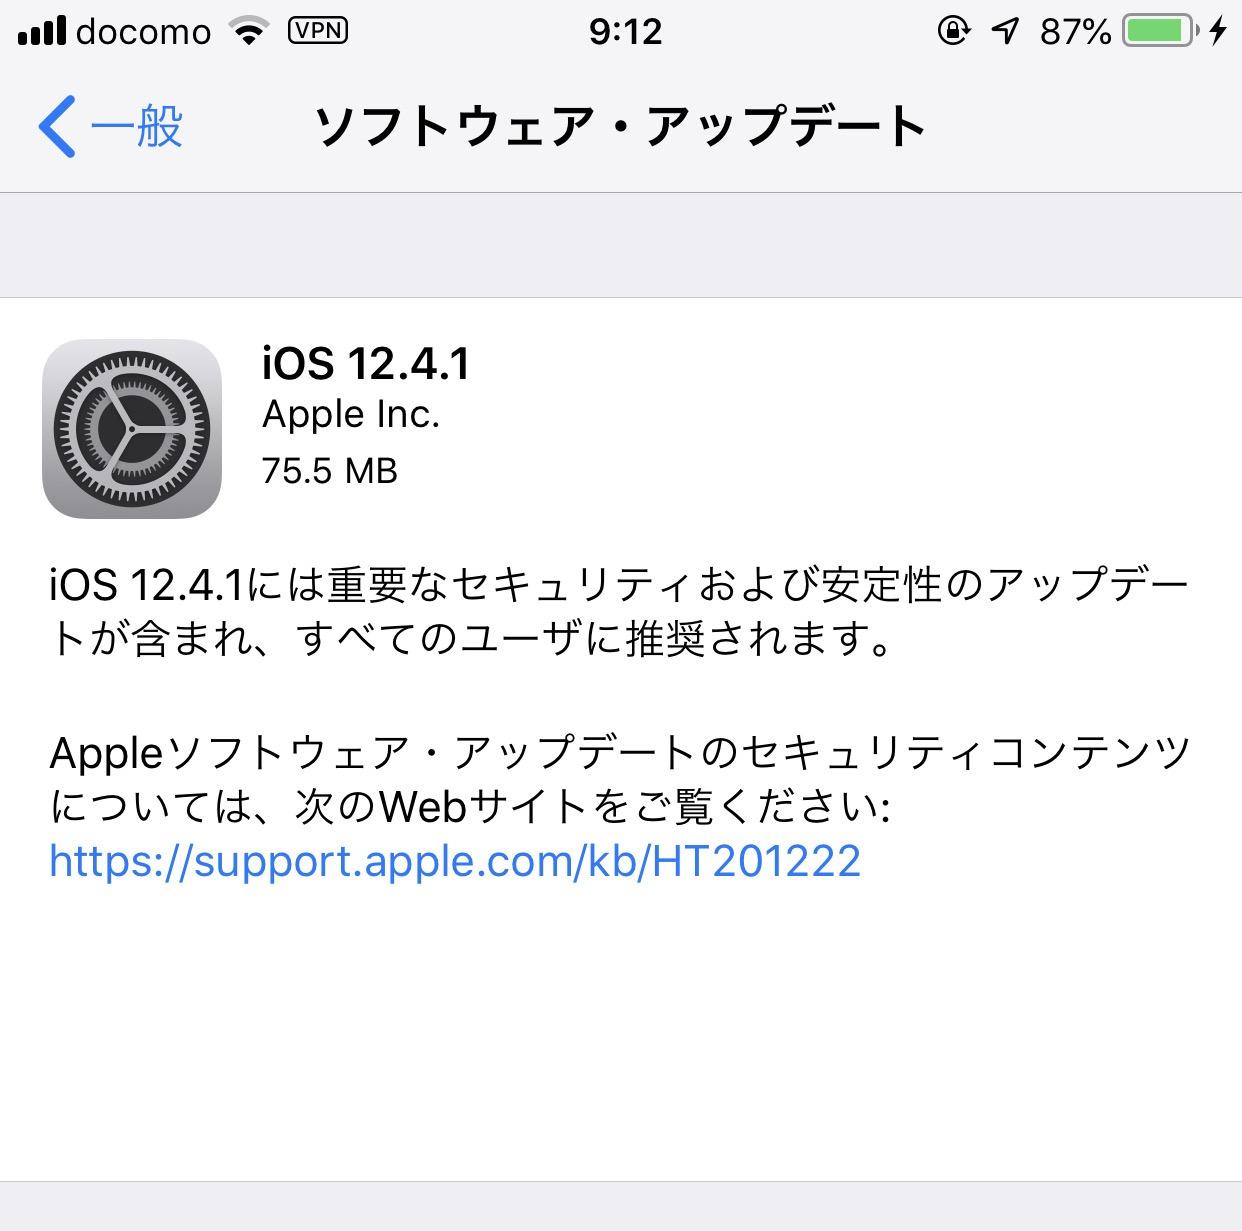 【iOS 12】重要なセキュリティおよび安定性のための「iOS 12.4.1 ソフトウェアアップデート」リリース